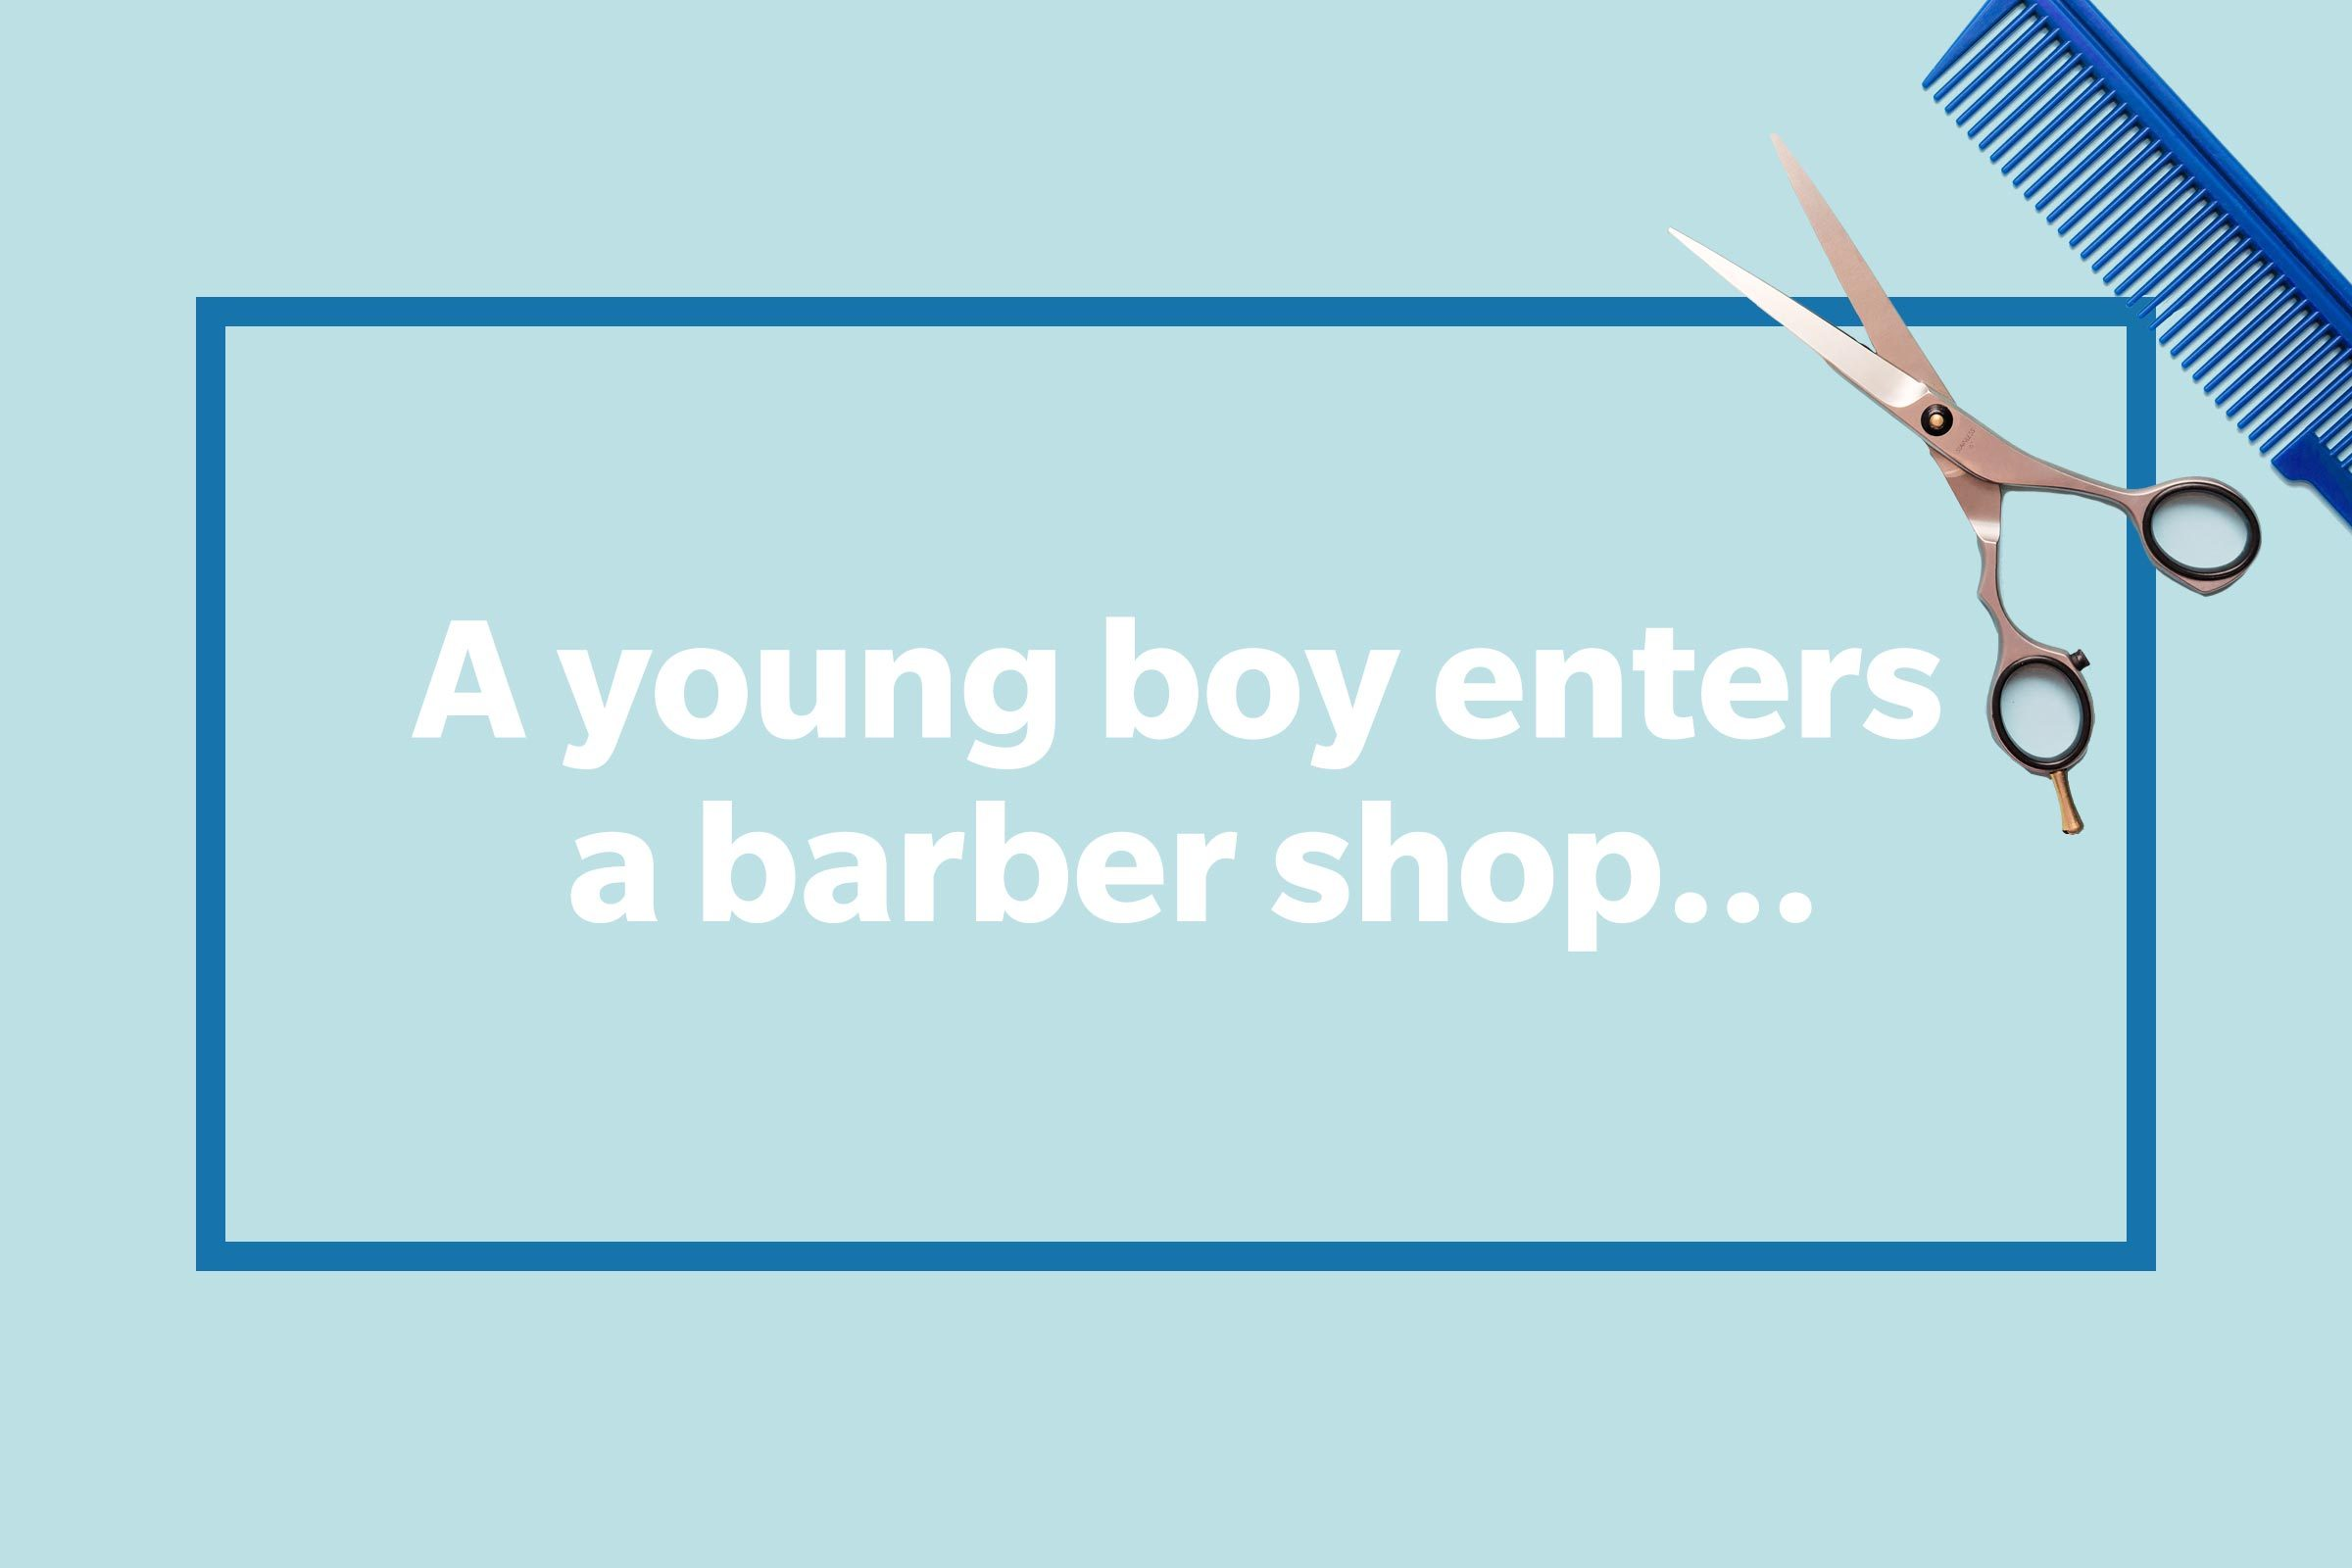 A young boy enters a barber shop...